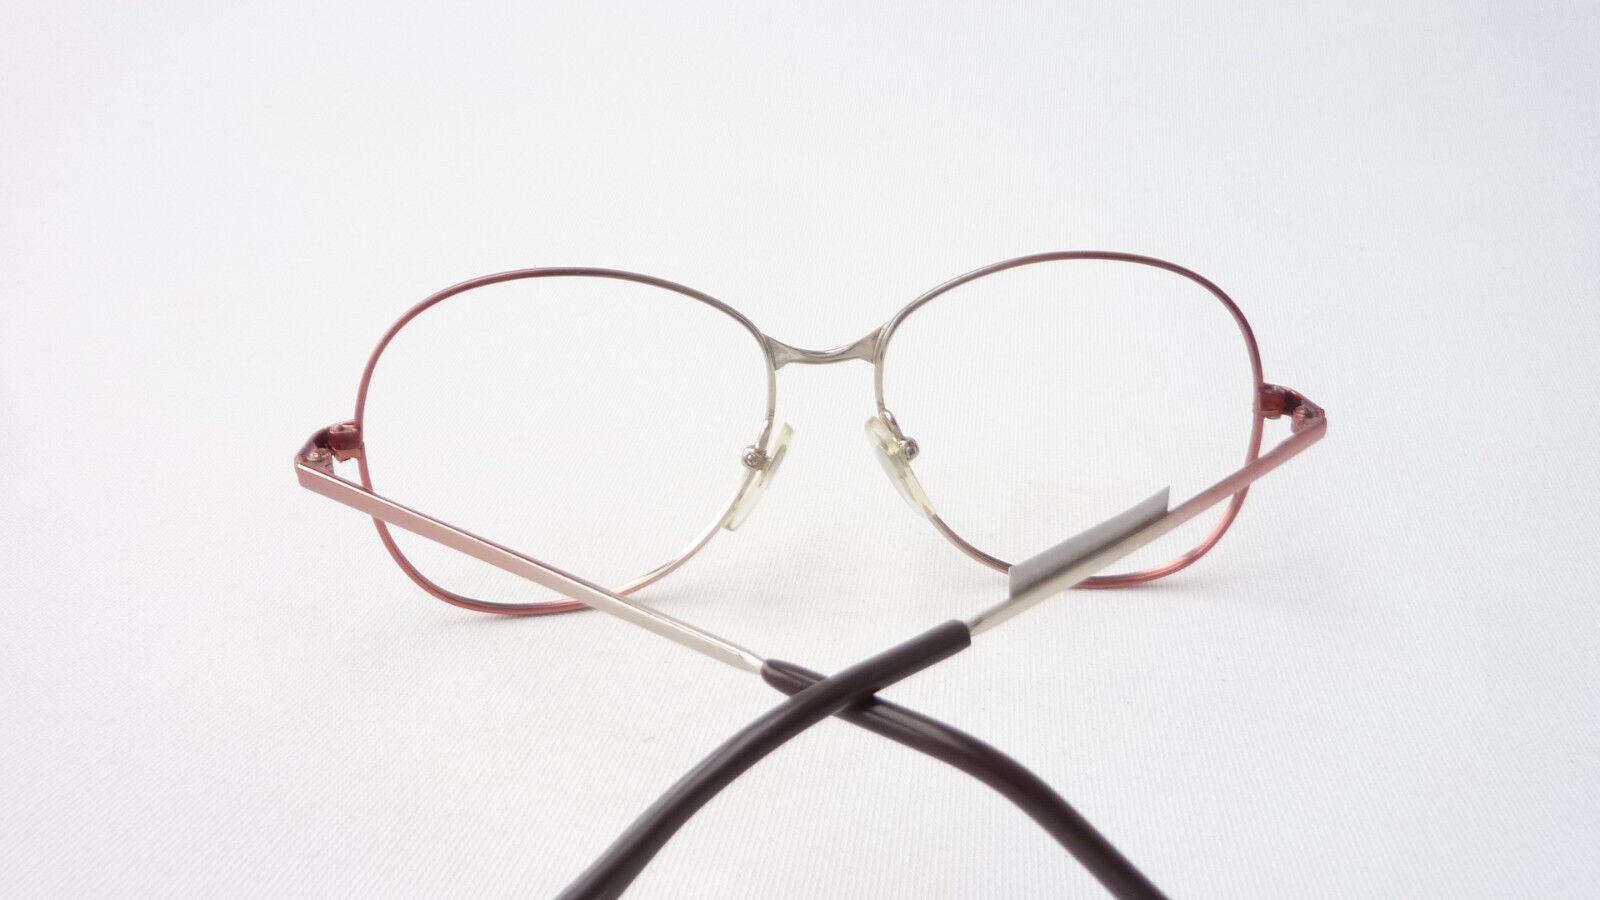 Vintage Brille Brille Brille Damen Gestell Metall oldschool große Gläser Eschenbach Grösse L | Die Königin Der Qualität  | Sonderaktionen zum Jahresende  | Das hochwertigste Material  f13936